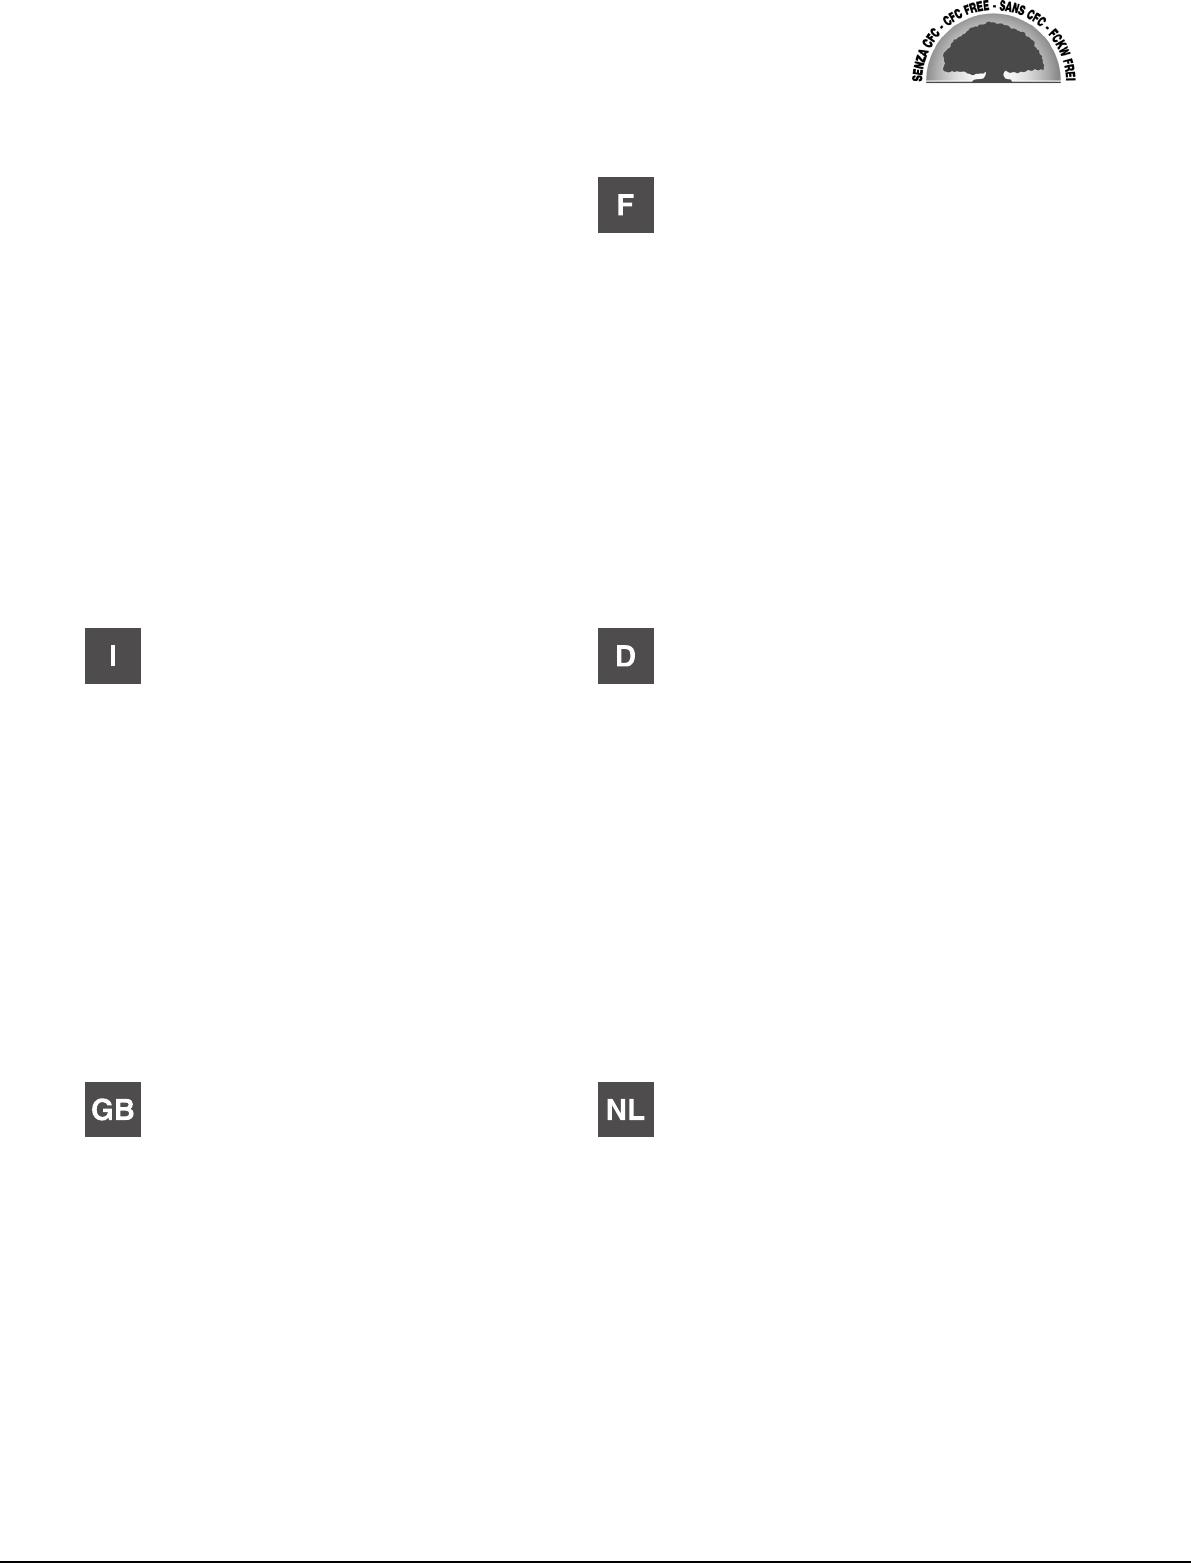 Handleiding Hotpoint-Ariston EBL 18210 F (pagina 20 van 52) (Deutsch ...